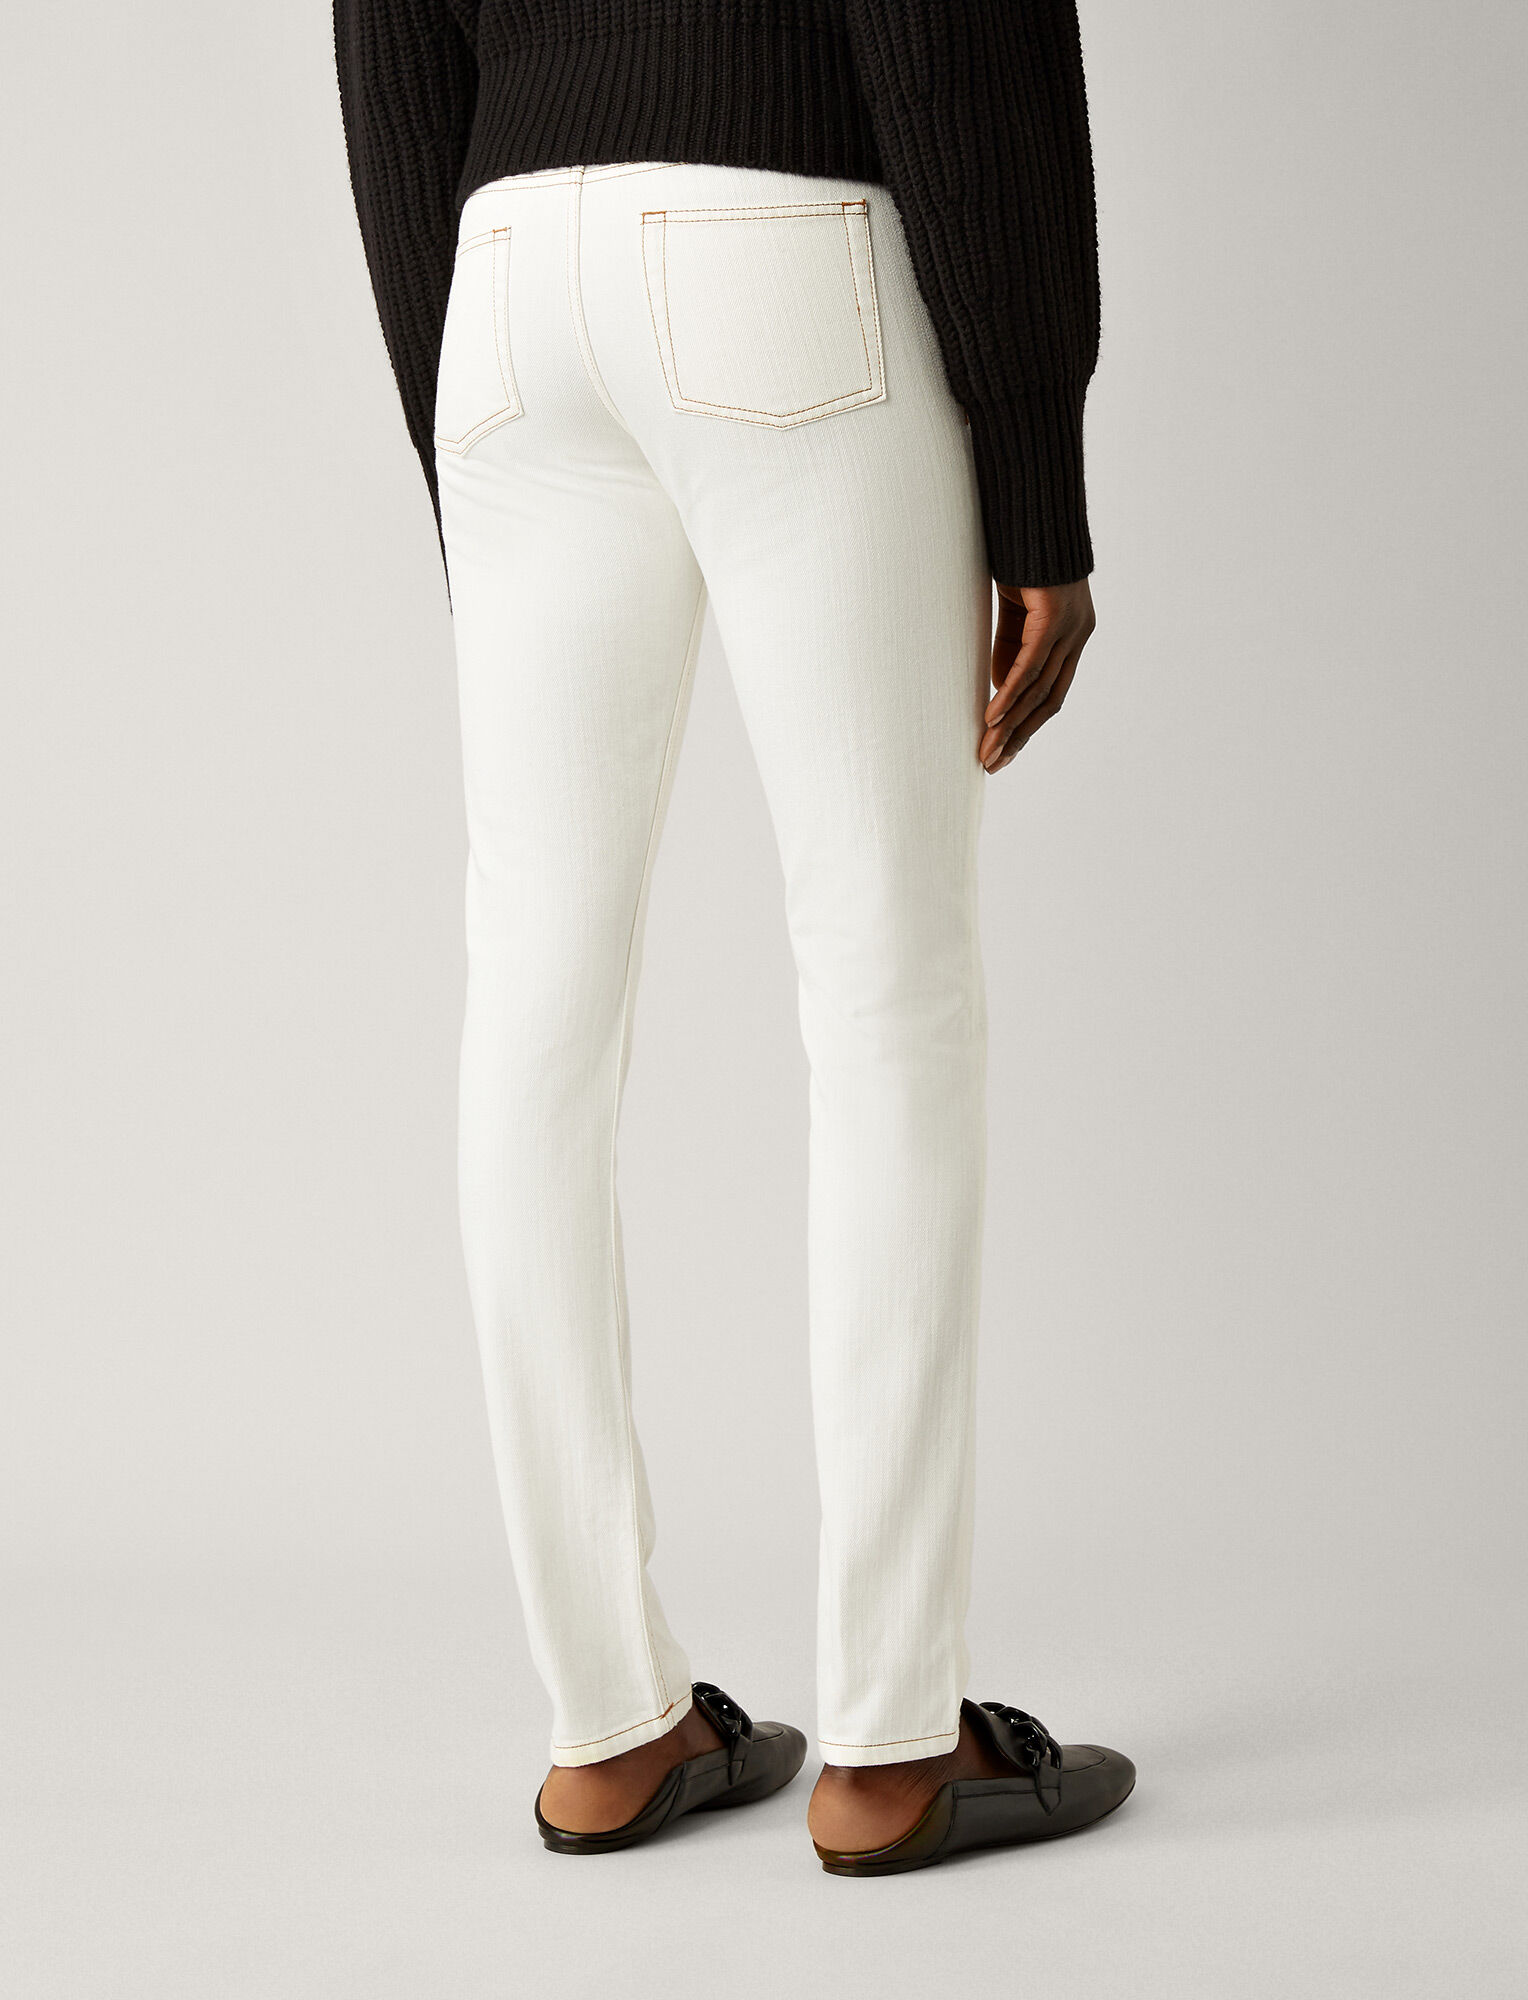 Joseph, Pantalon Cloud en denim blanc, in WHITE